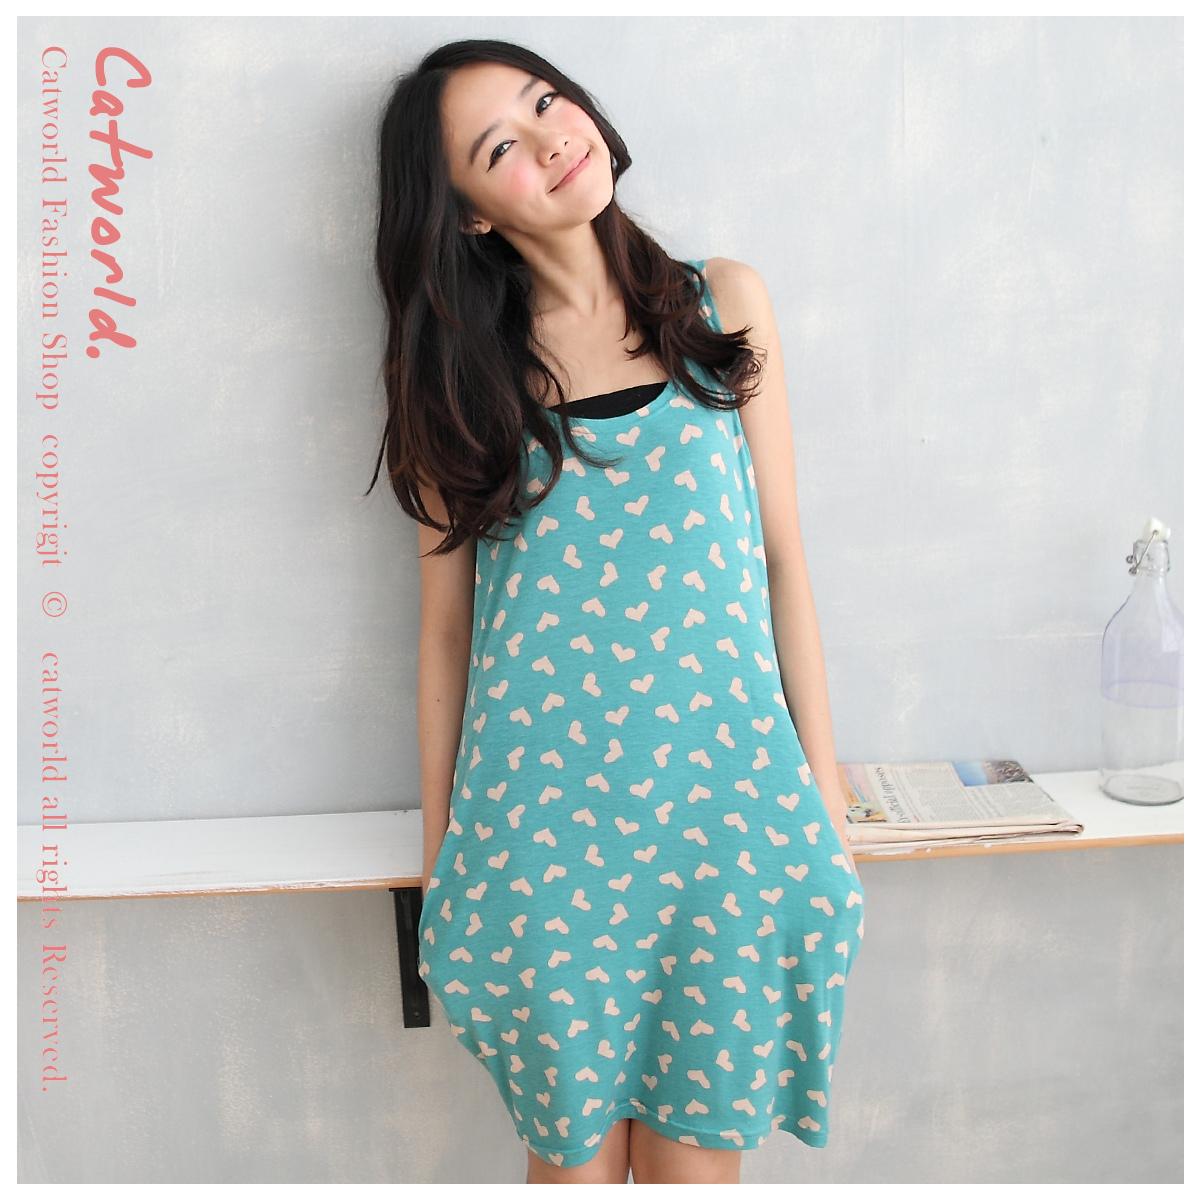 Женское платье Catworld 11601138 Лето 2012 Разные